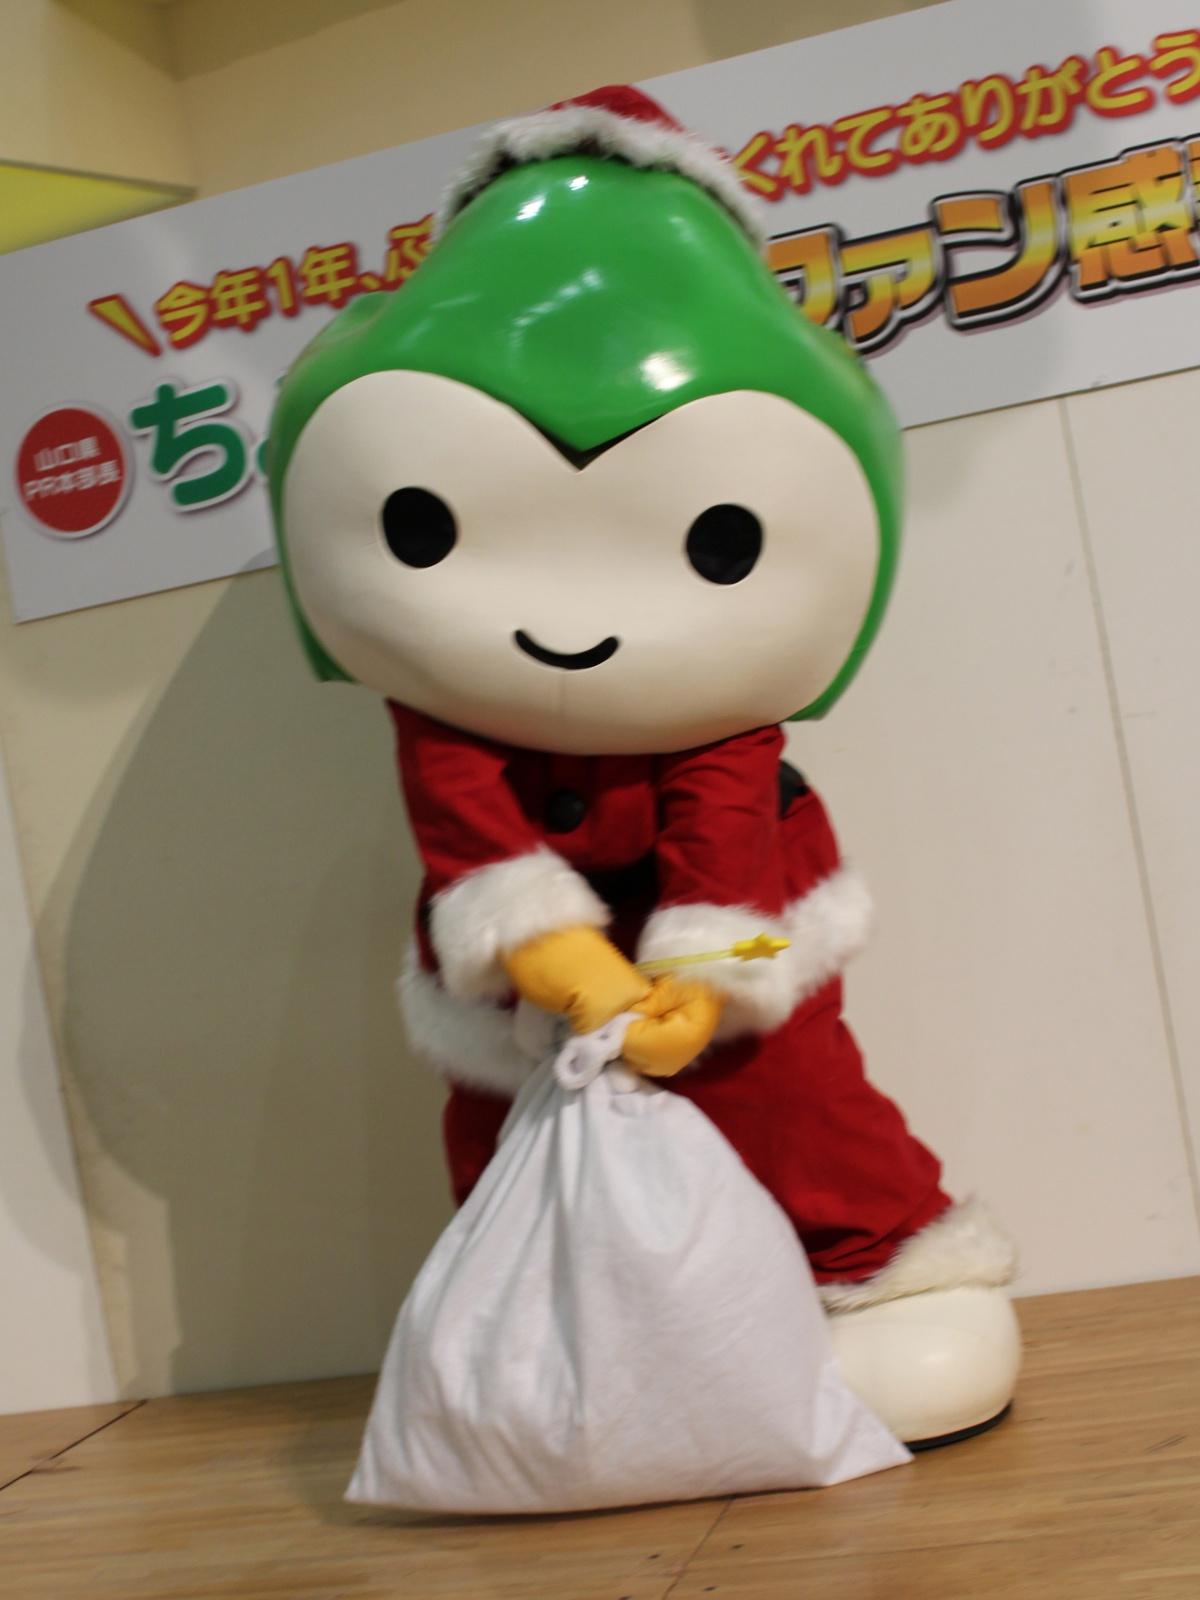 1年間の感謝の気持ちを込めて「ちょるる★大ファン感謝祭」を開催したよ!!